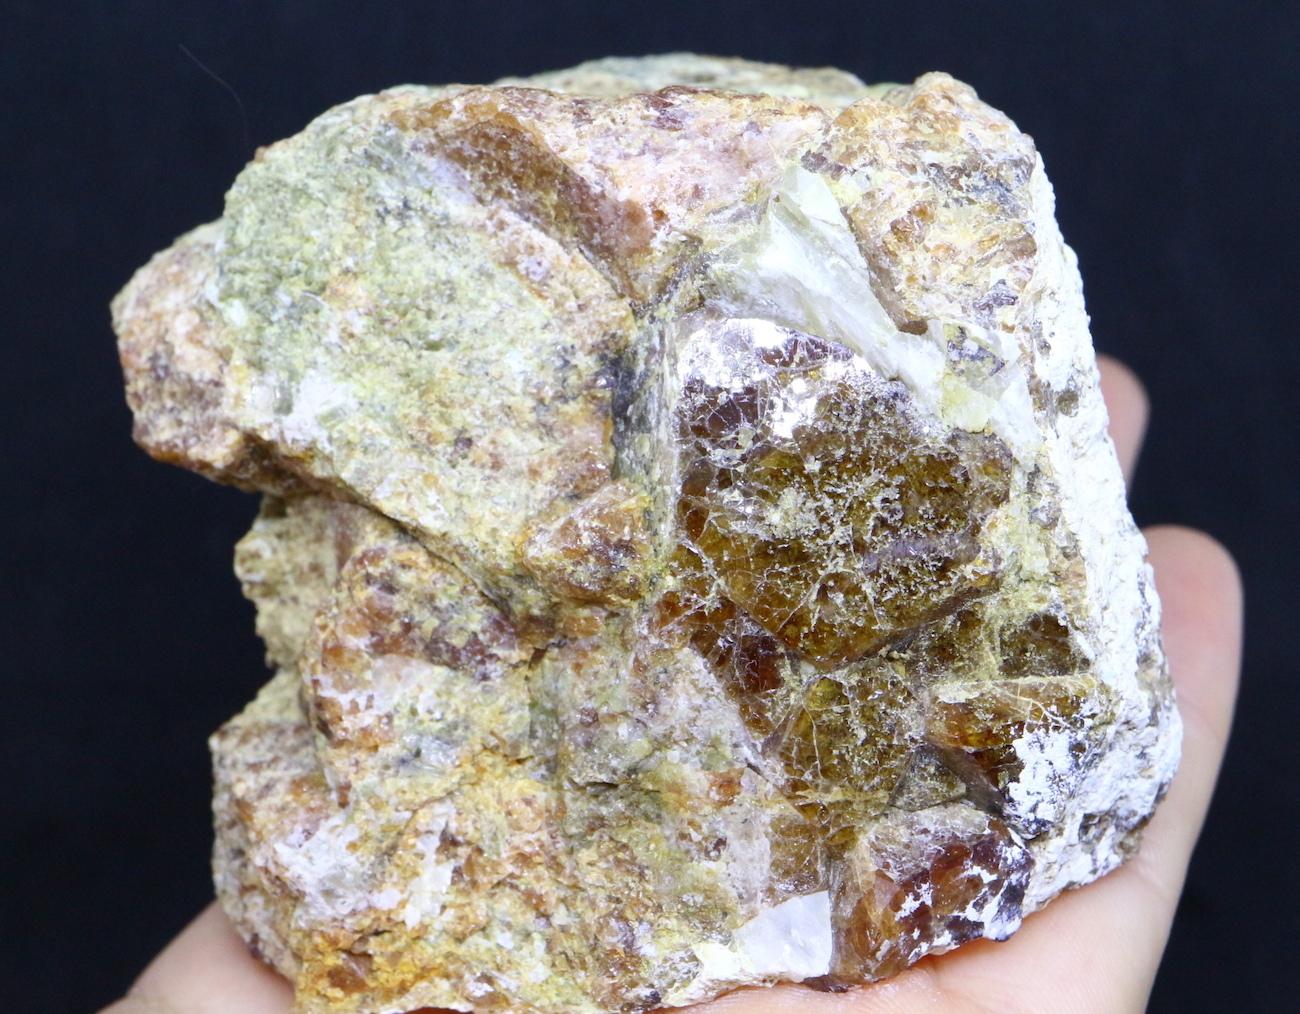 カリフォルニア産 グロッシュラーガーネット 408,7g GN032 原石 鉱物 天然石 パワーストーン